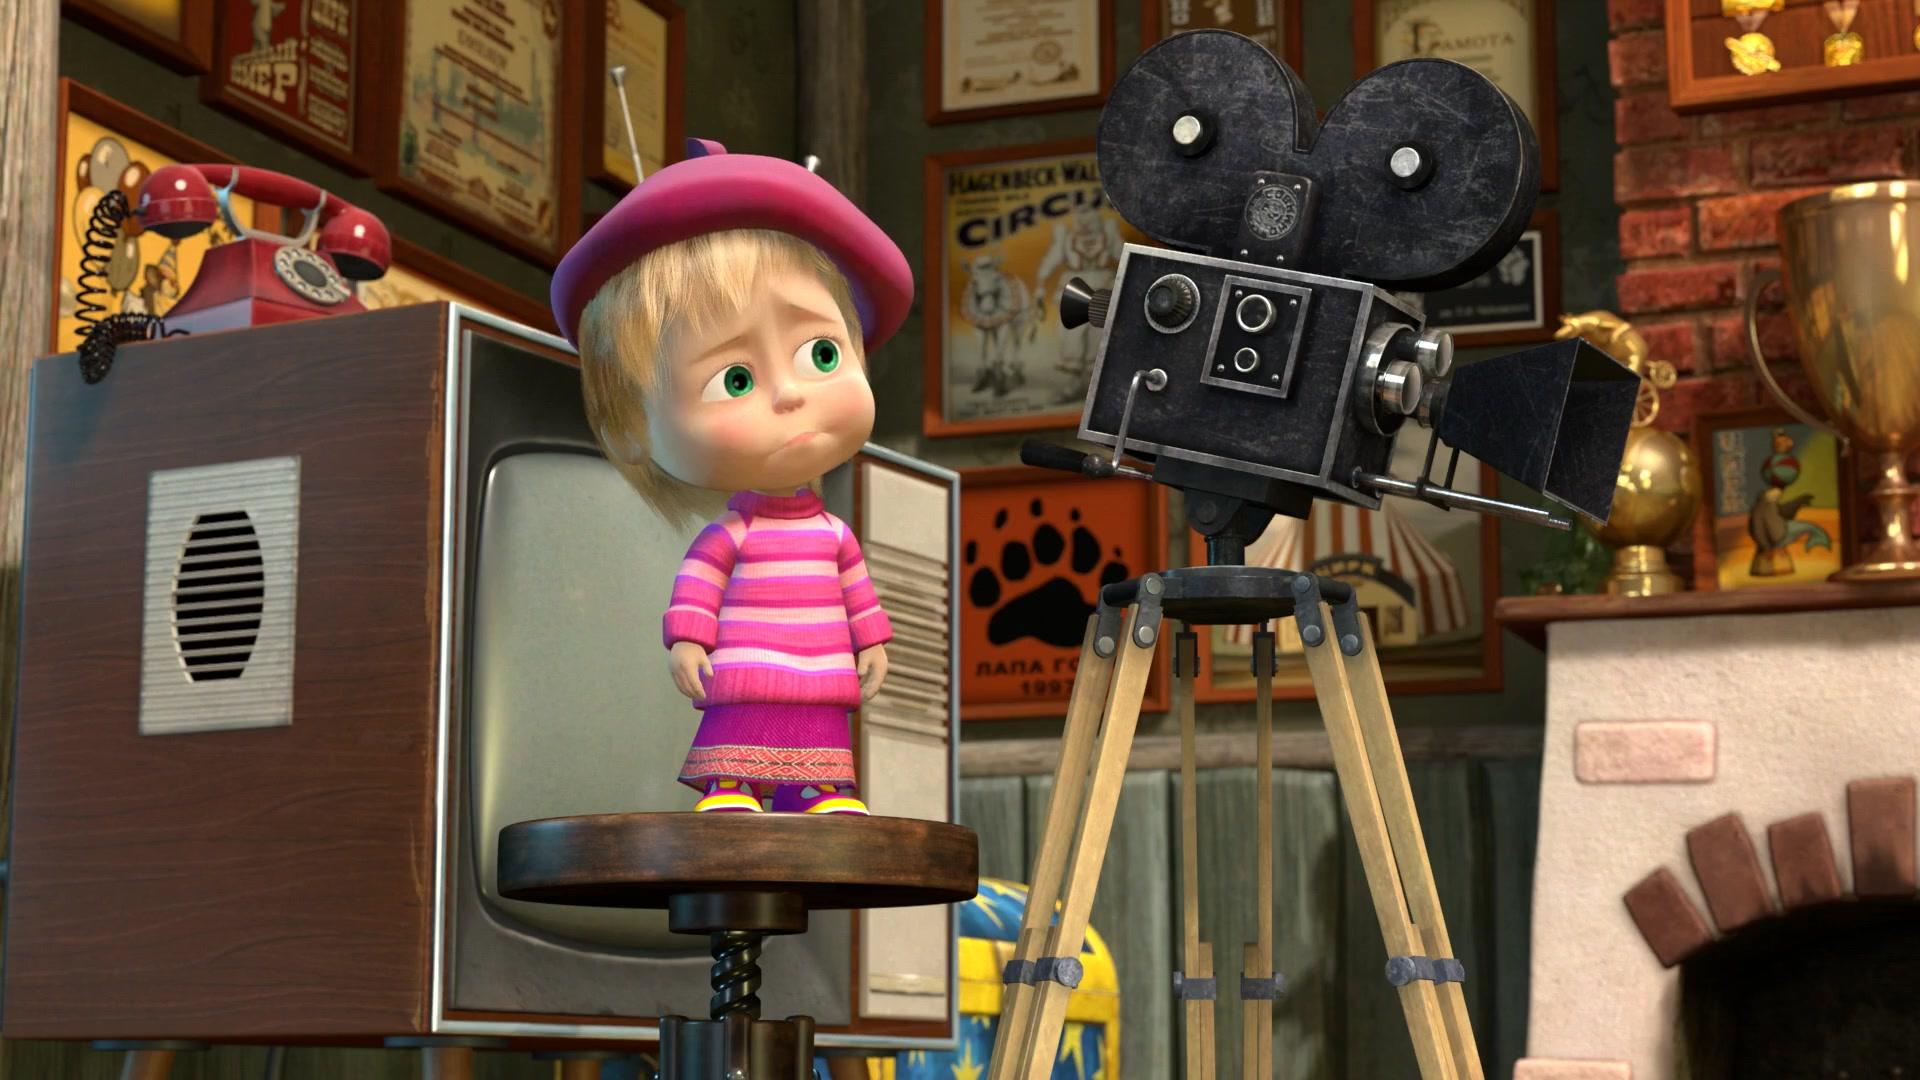 Сервис «дети autosberkassa.ru» провел опрос среди родителей и выяснил, какие мультфильмы больше всего любят их дети.